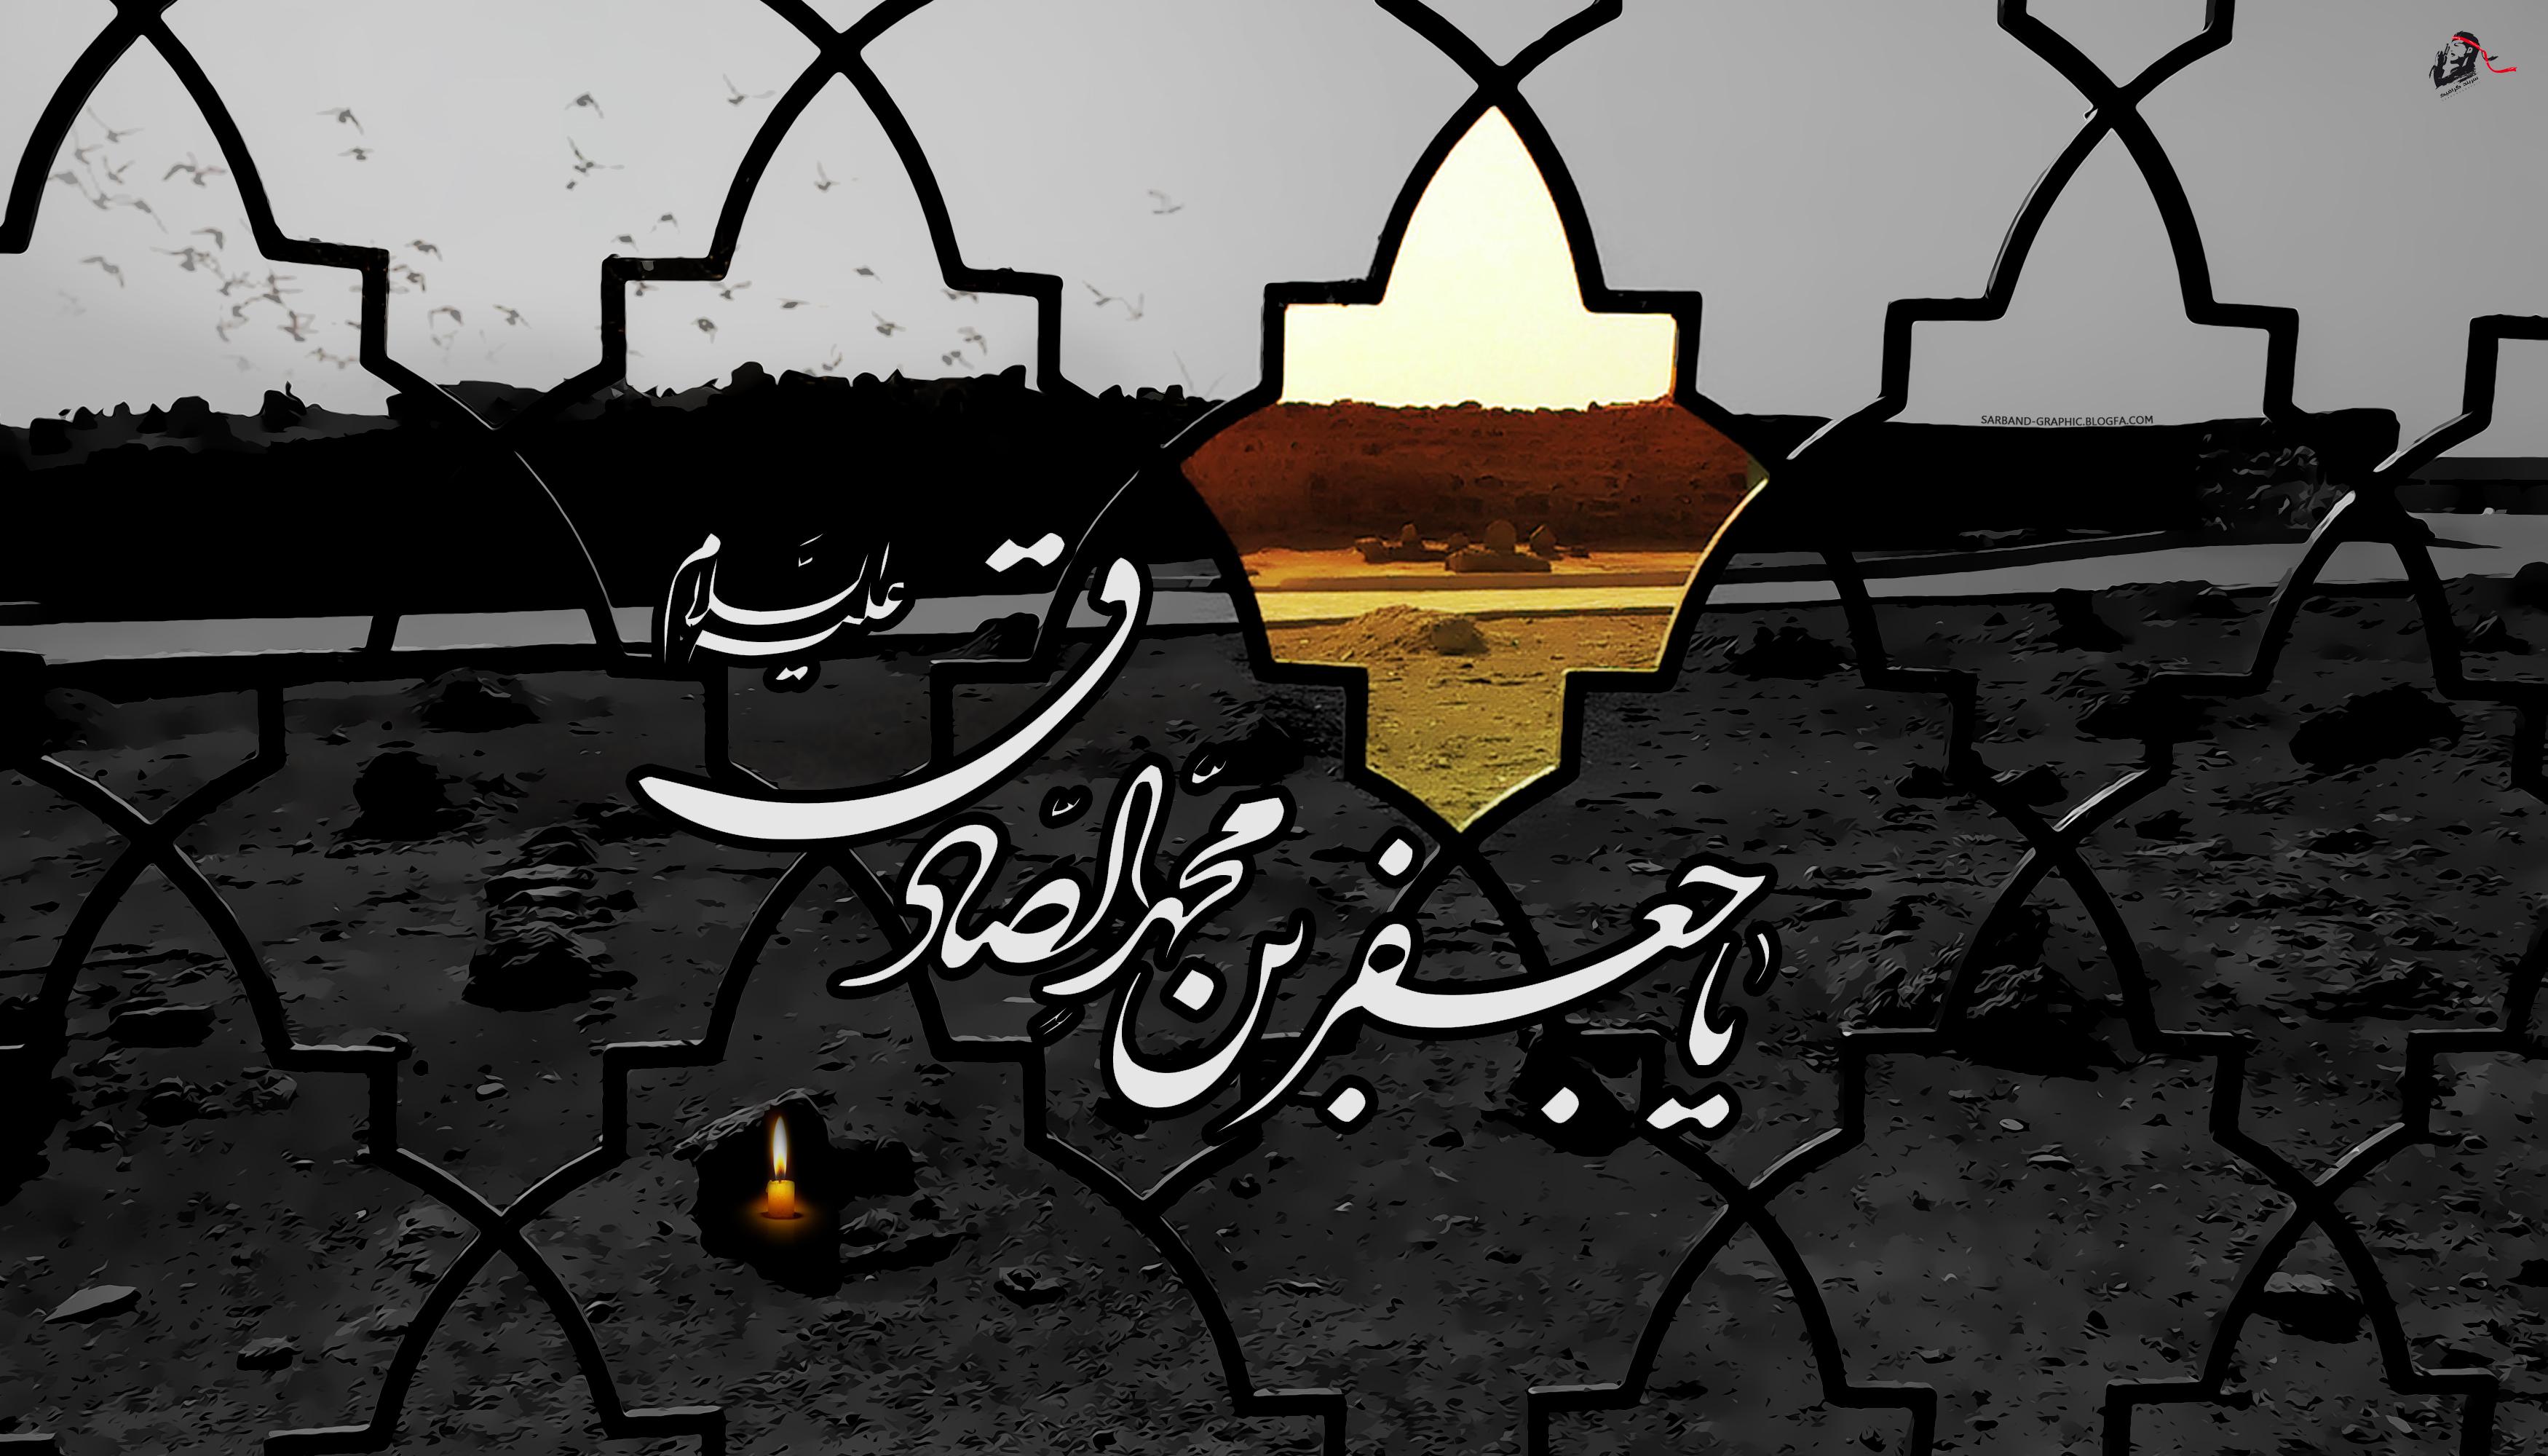 عکس پروفایل از شهادت امام صادق